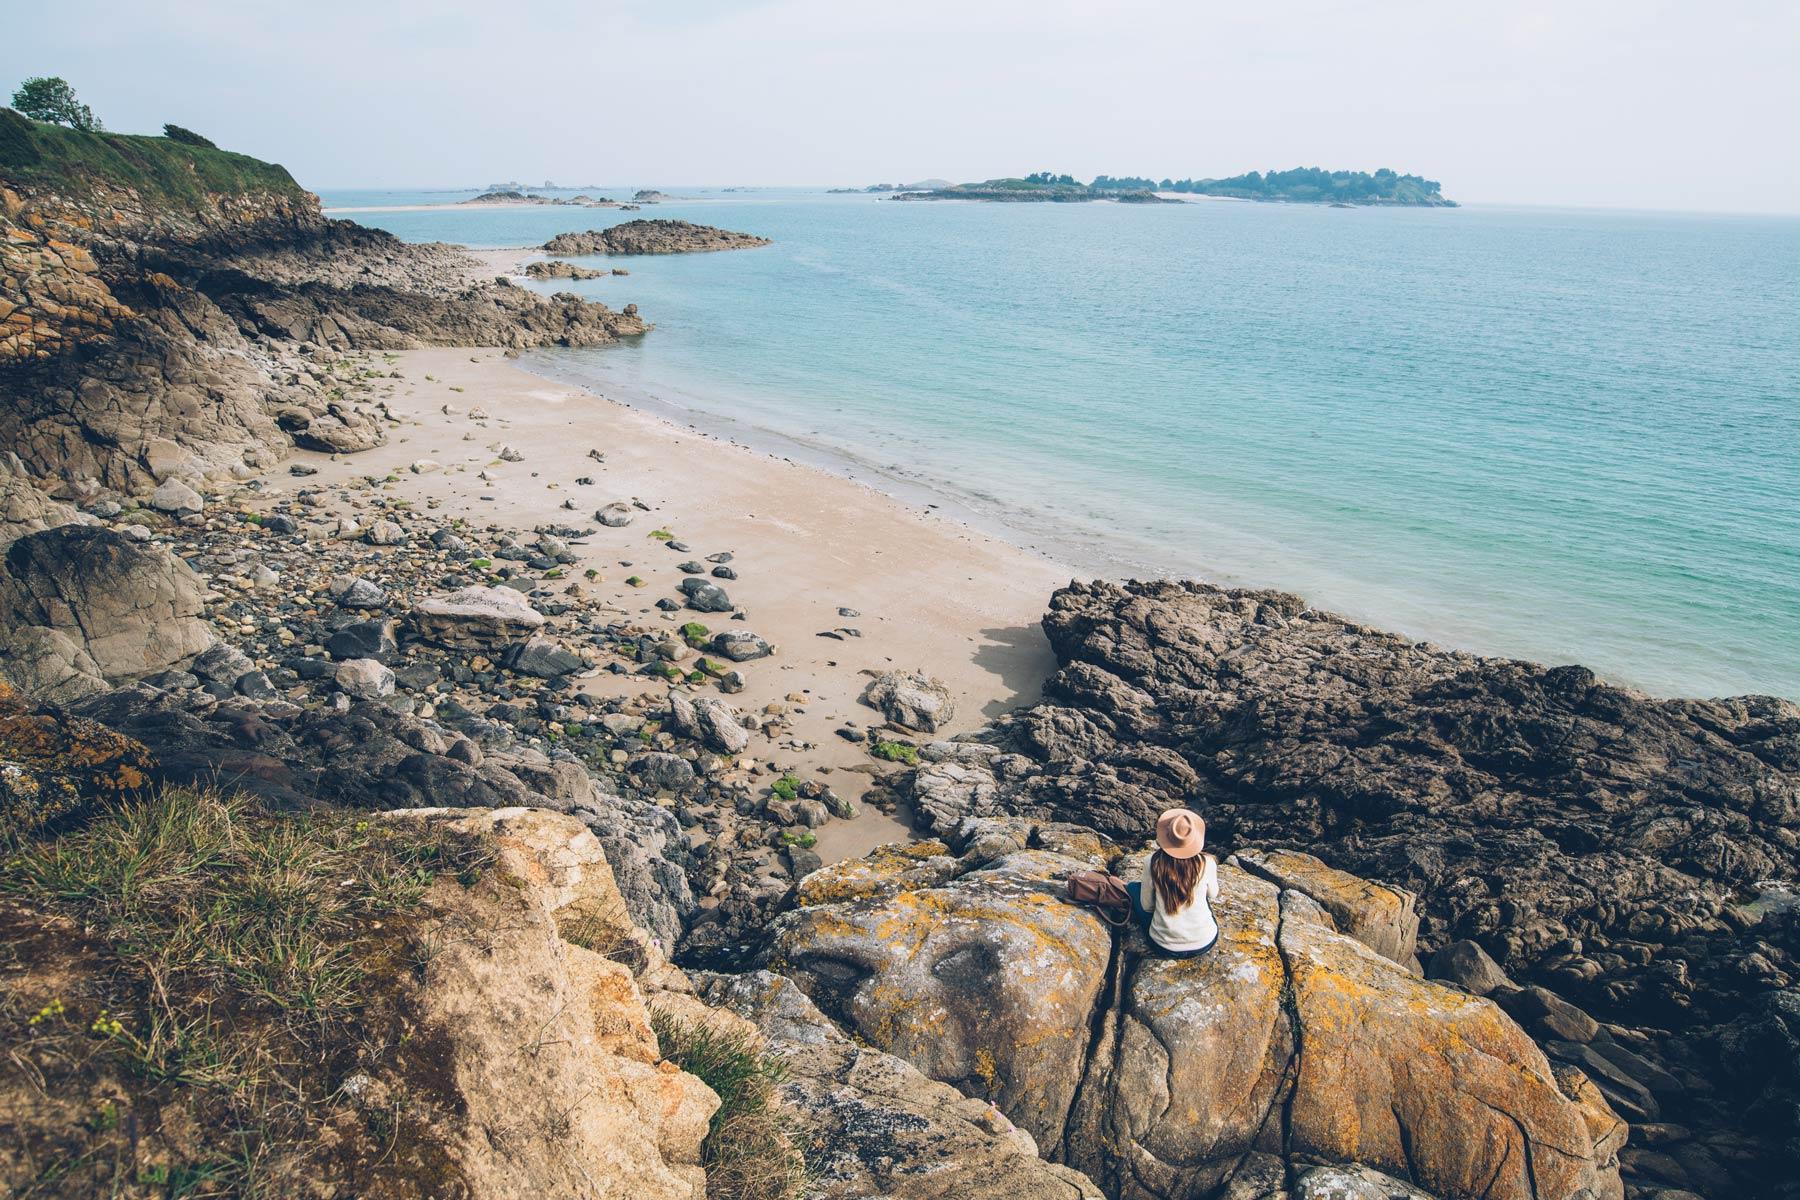 Photo: St Jacut de la Mer